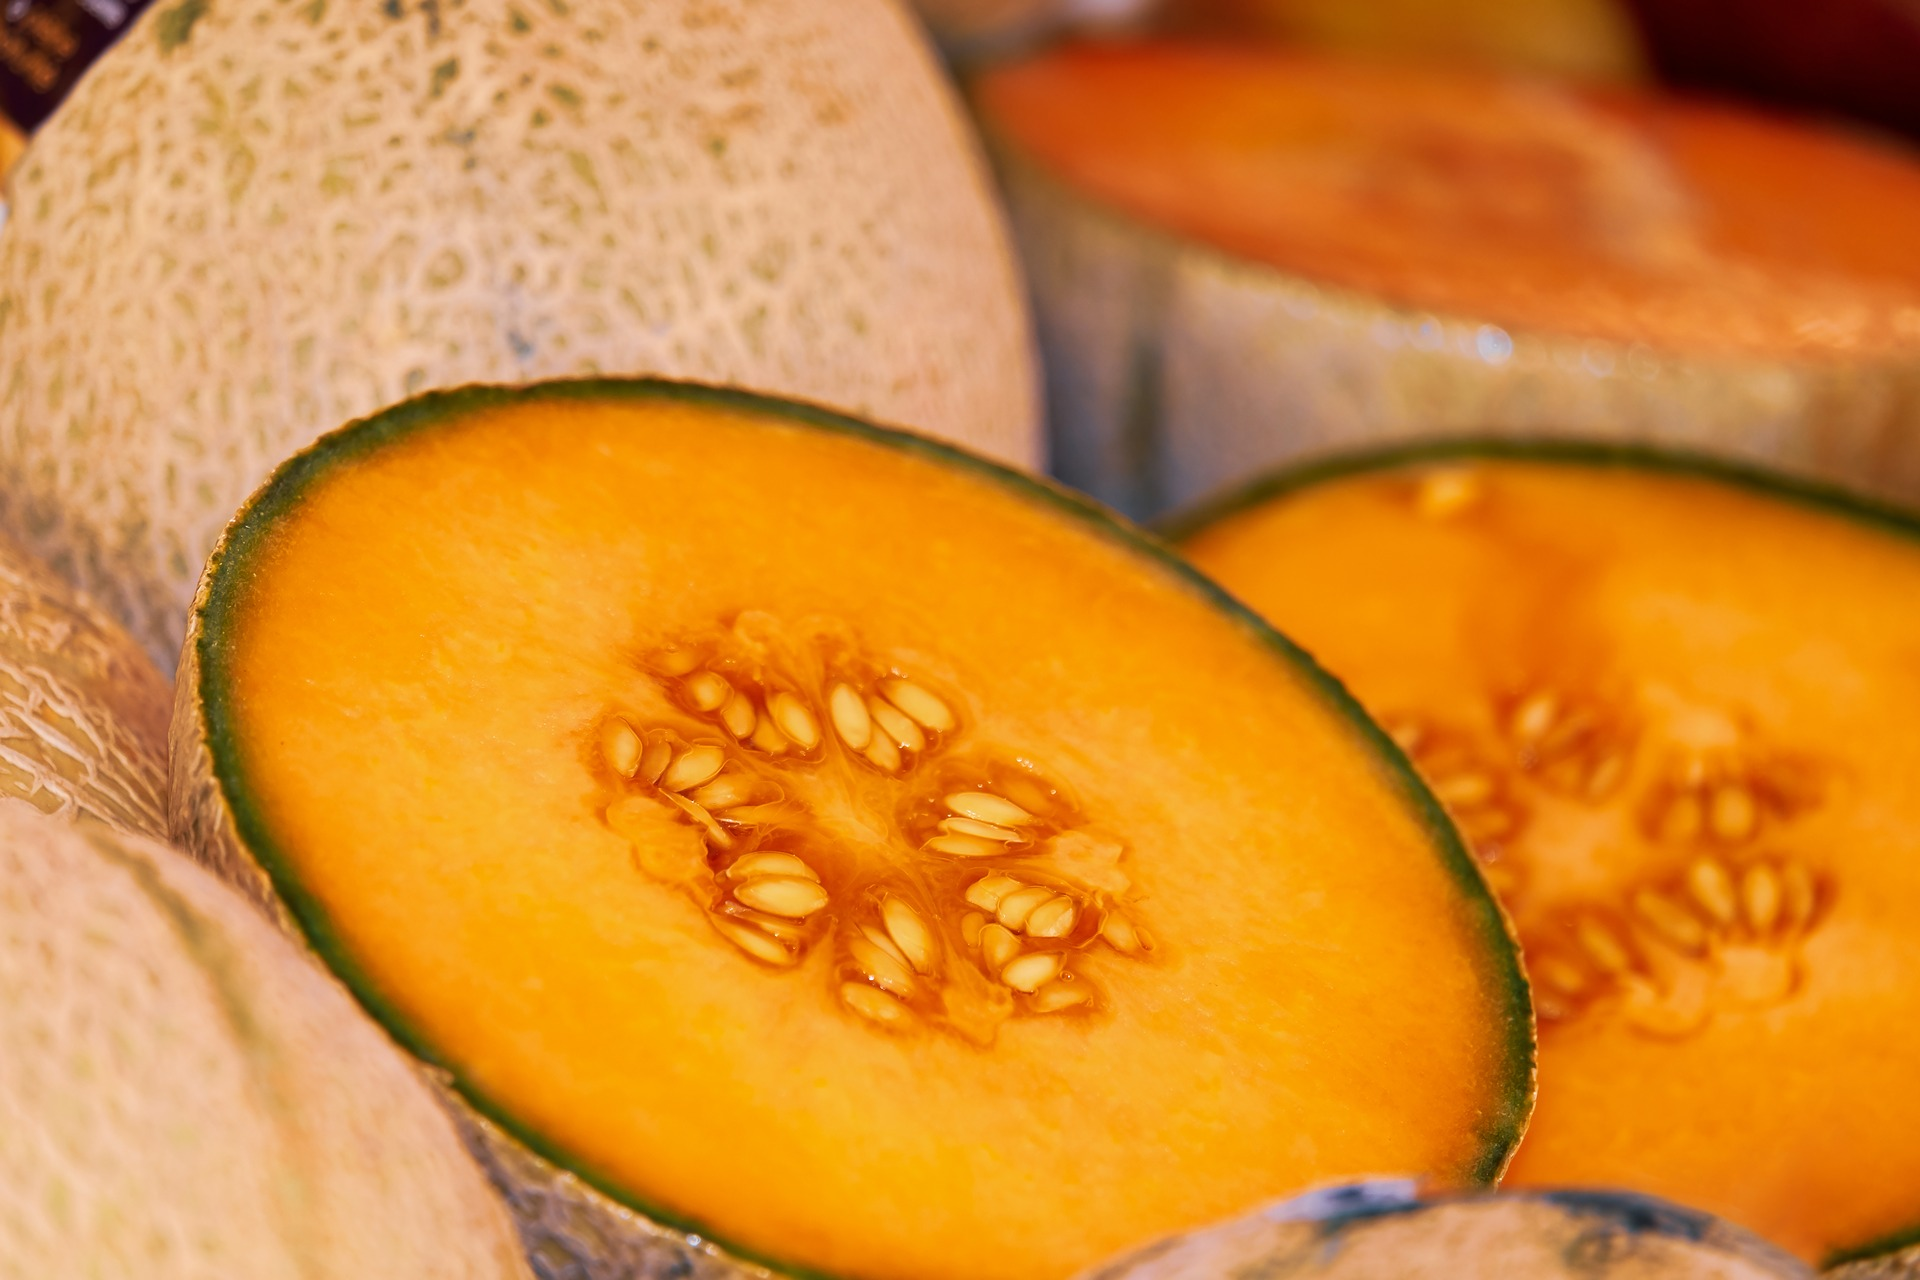 MELONE - Dolce e leggero!Anche se è molto dolce, il melone ha un contenuto calorico basso, solo 30 calorie per 100 gr. È fresco e gustoso ed è un perfetto depuratore naturale per l'organismo. Ha tantissimi sali minerali come potassio, calcio e fosforo. Non manca di vitamina C e vitamina B e A. La quantità di grassi è minore dell'1% per cui è un frutto estivo adatto anche a chi è a dieta.